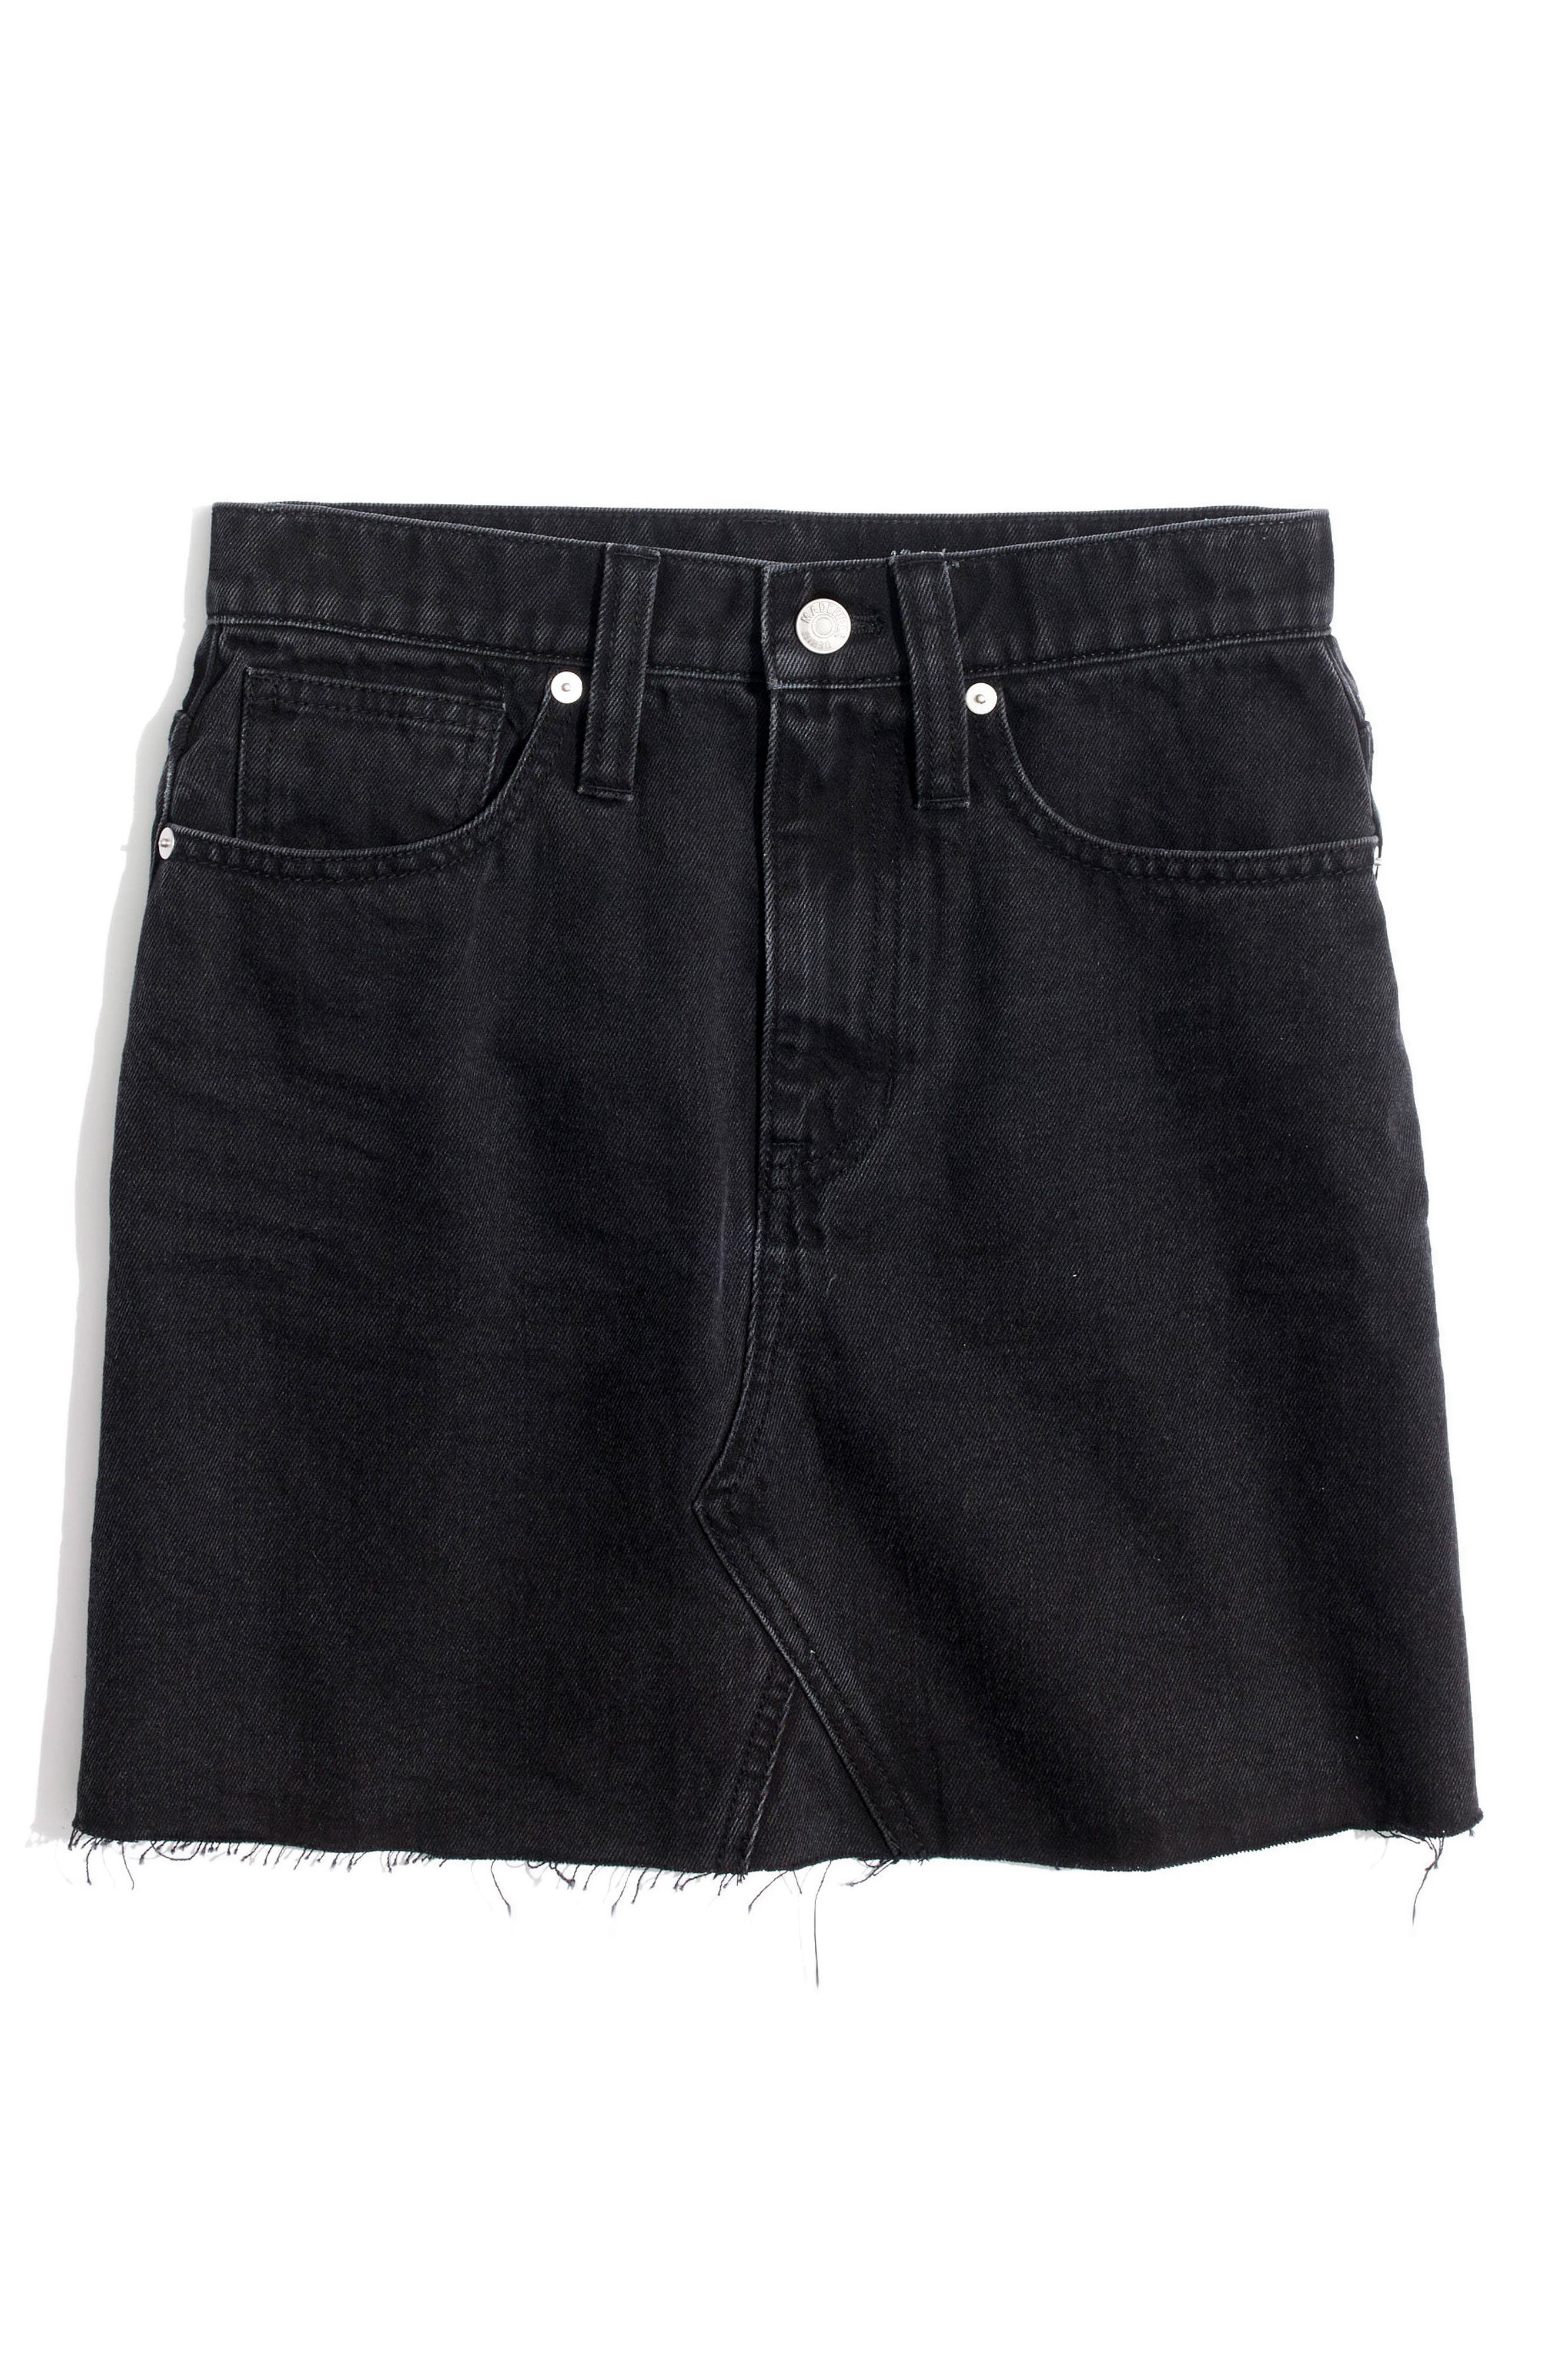 Frisco Denim Miniskirt,                             Alternate thumbnail 4, color,                             001